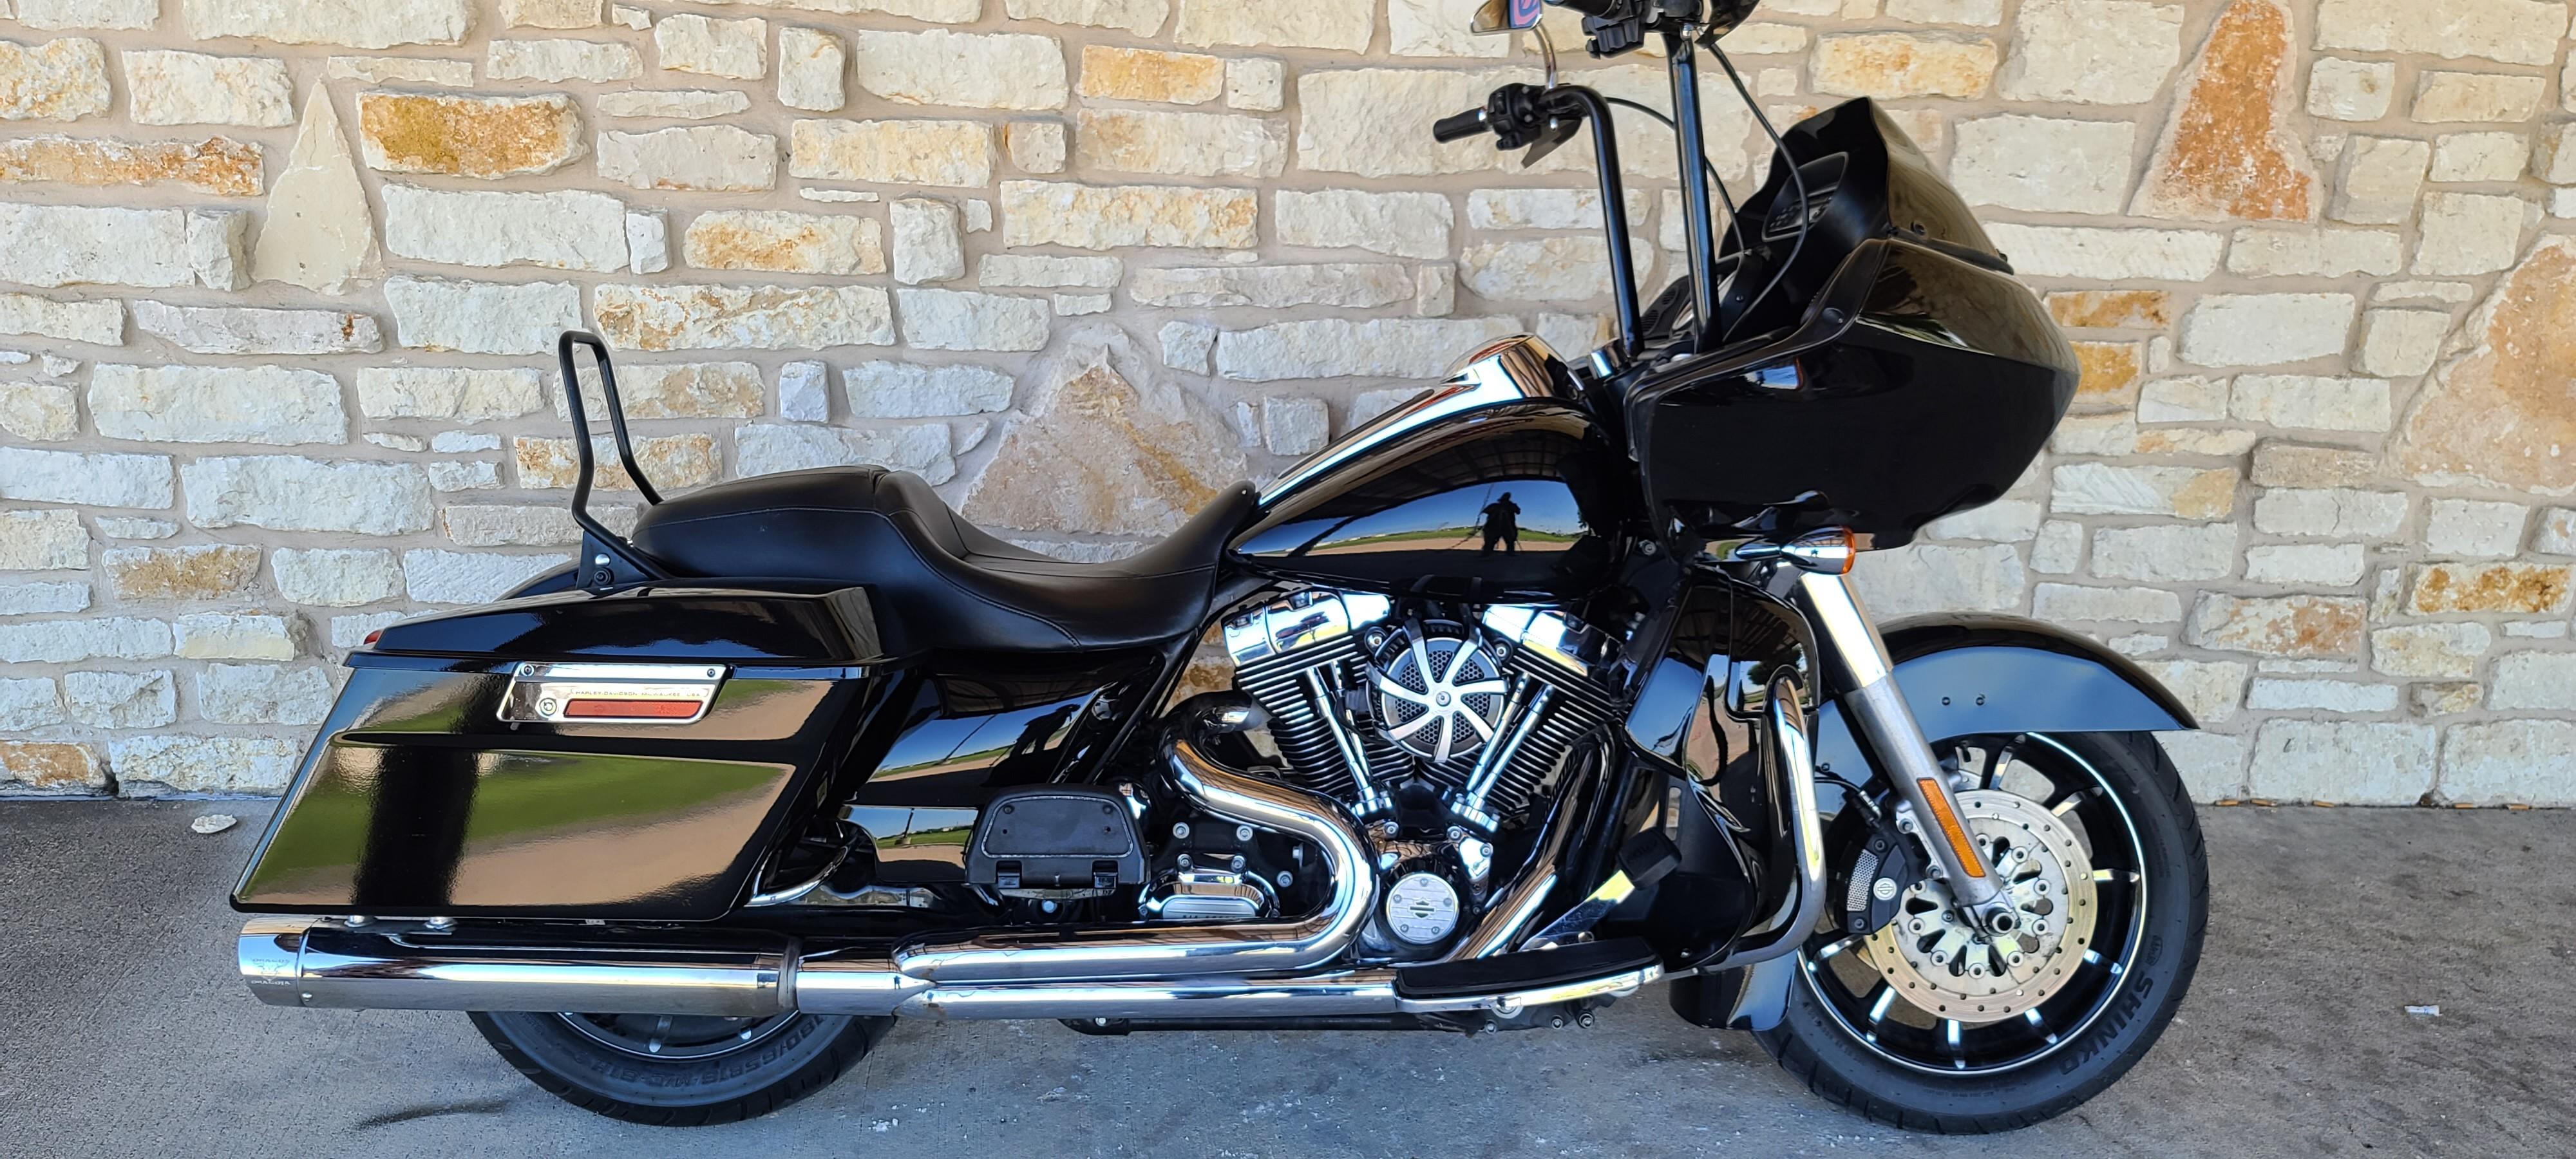 2013 Harley-Davidson Road Glide Ultra at Harley-Davidson of Waco